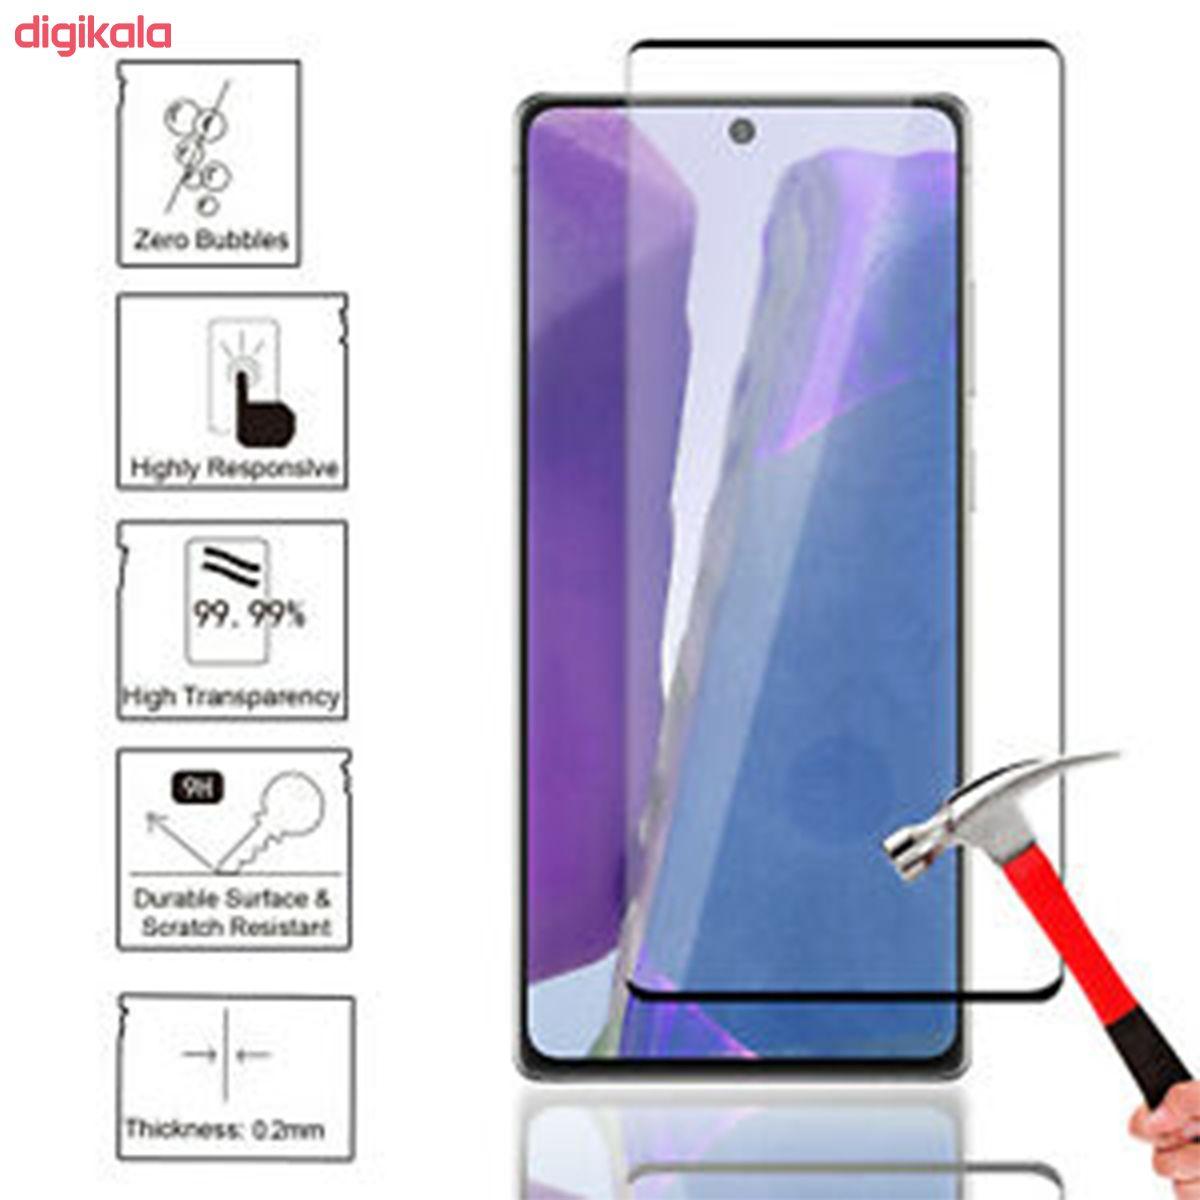 محافظ صفحه نمایش یووی مدل PHSI مناسب برای گوشی موبایل سامسونگ Galaxy note20 Ultra main 1 1